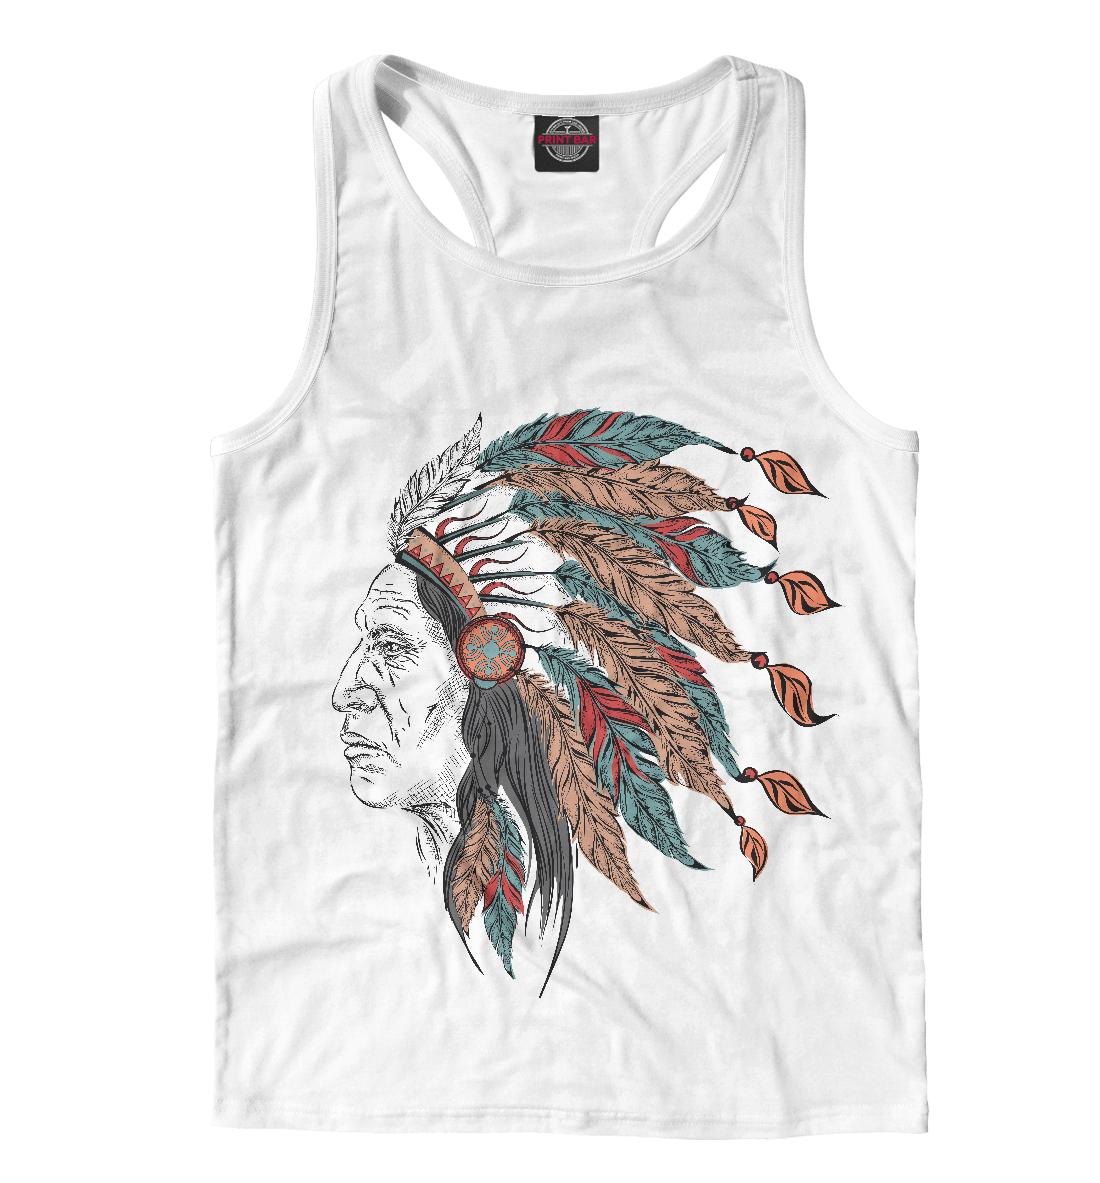 Купить Wise Indian, Printbar, Майки борцовки, HIP-609424-mayb-2